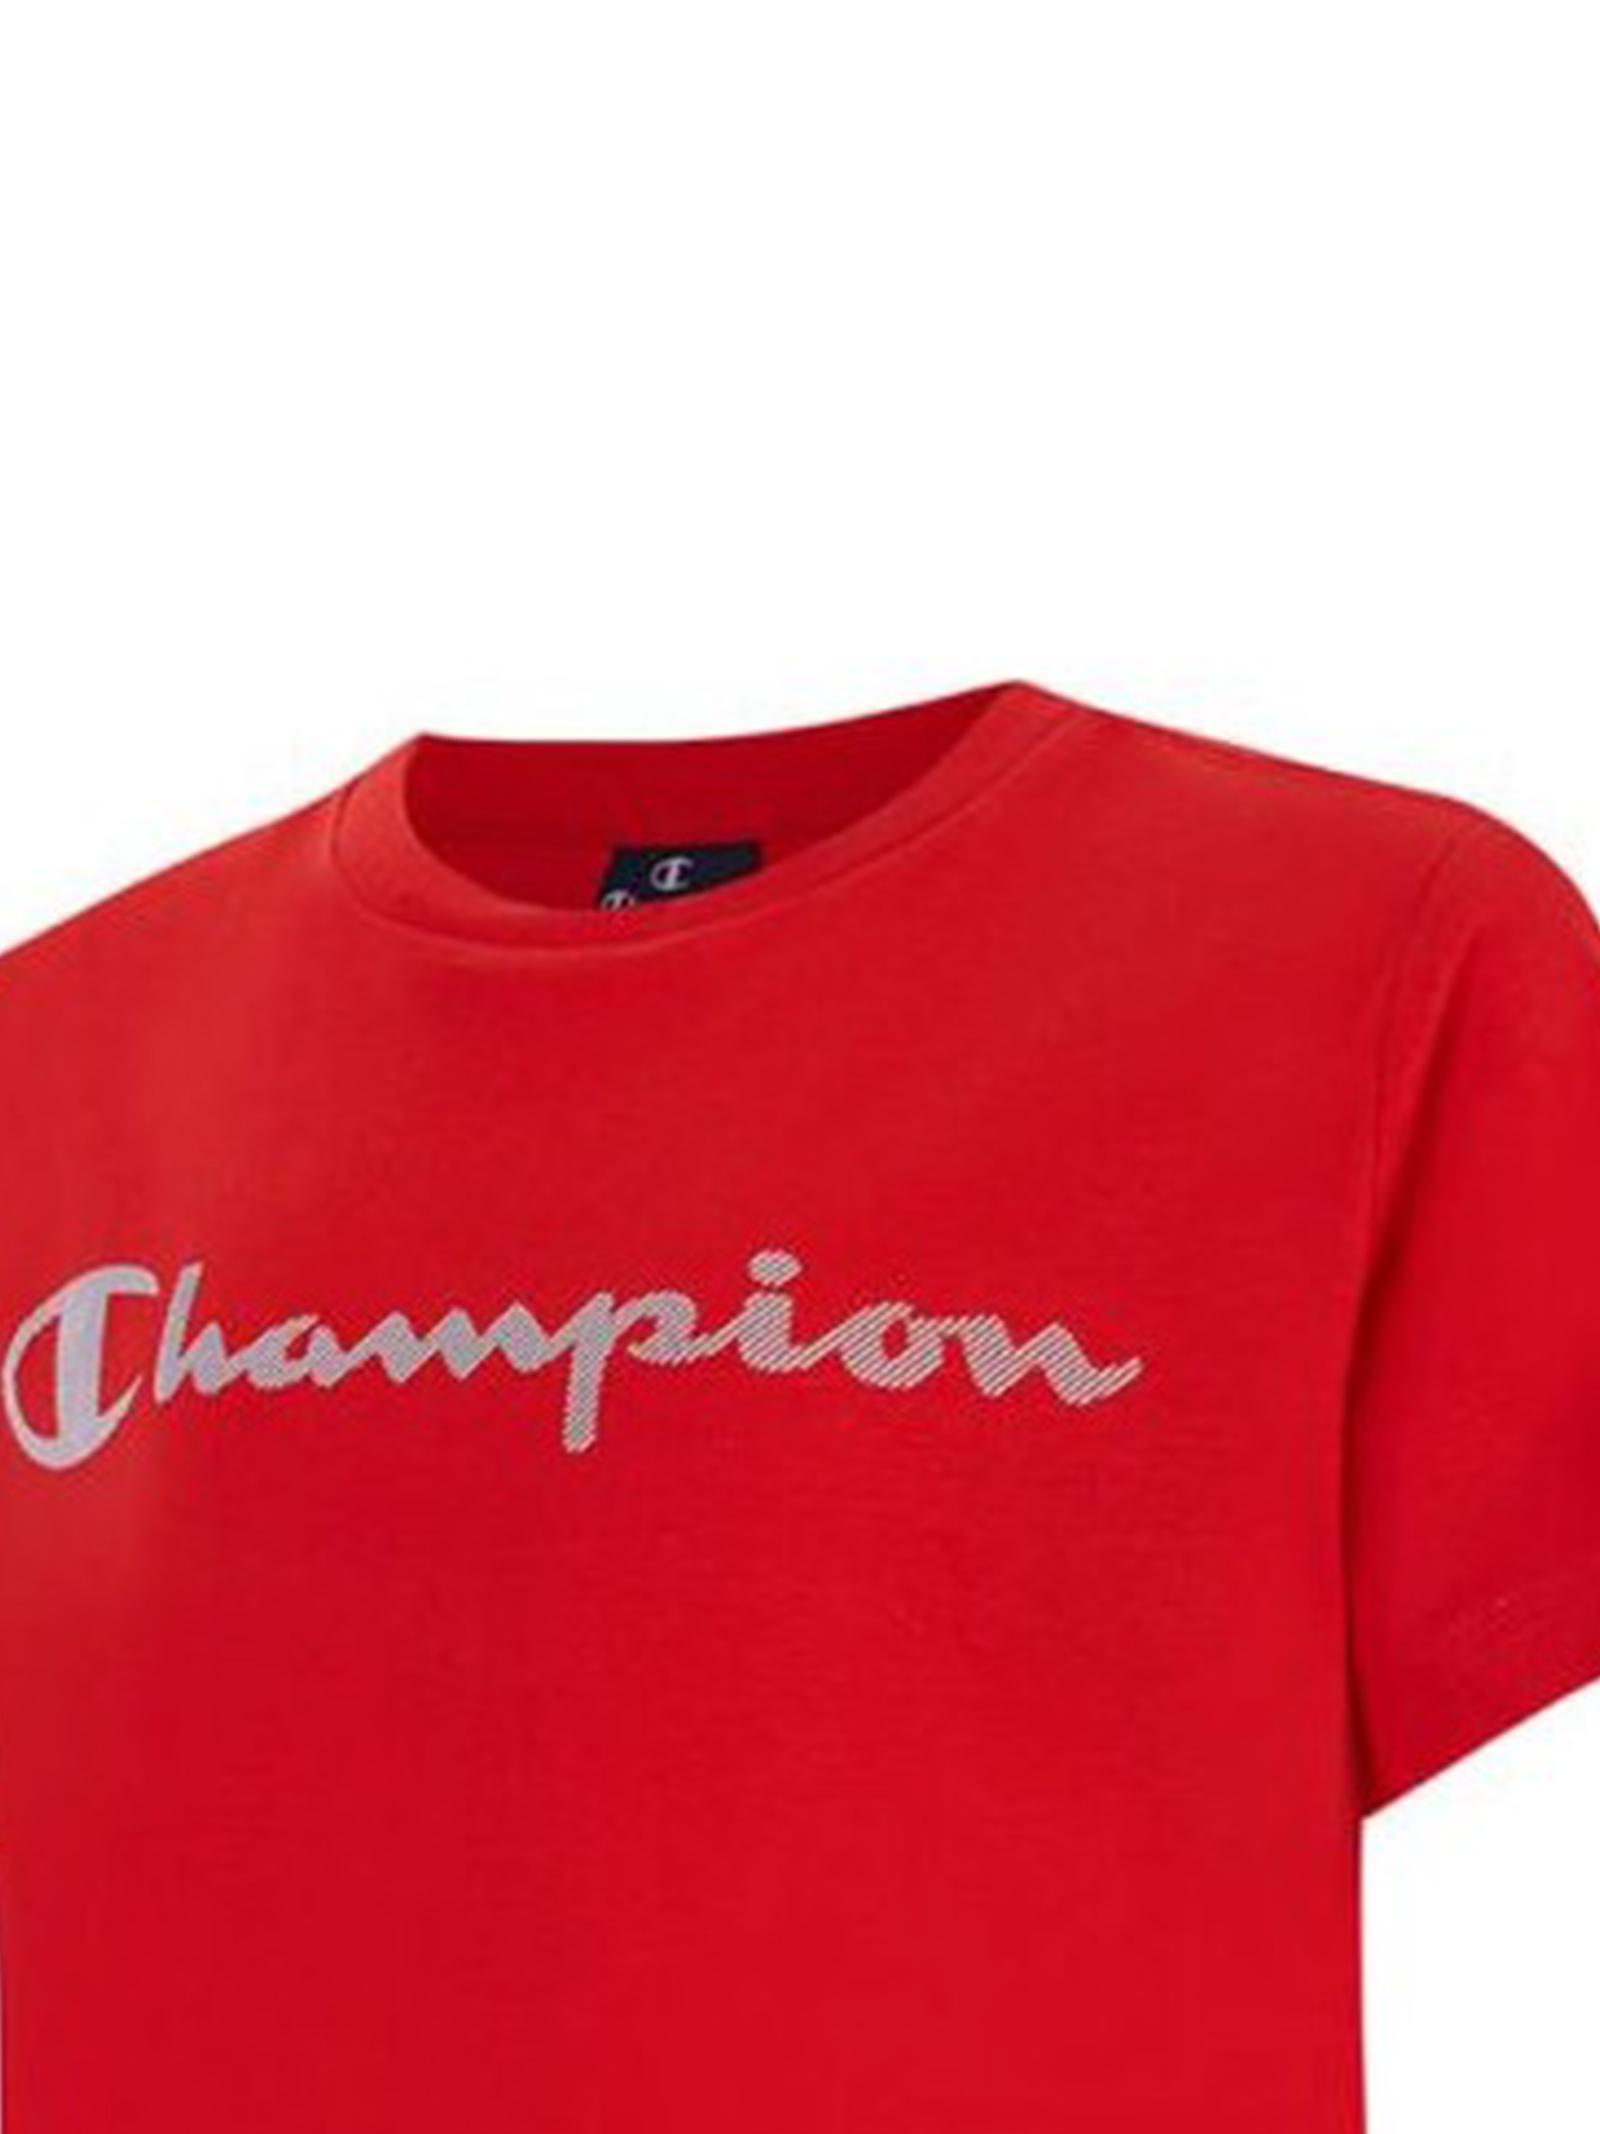 CHAMPION      305169RS046